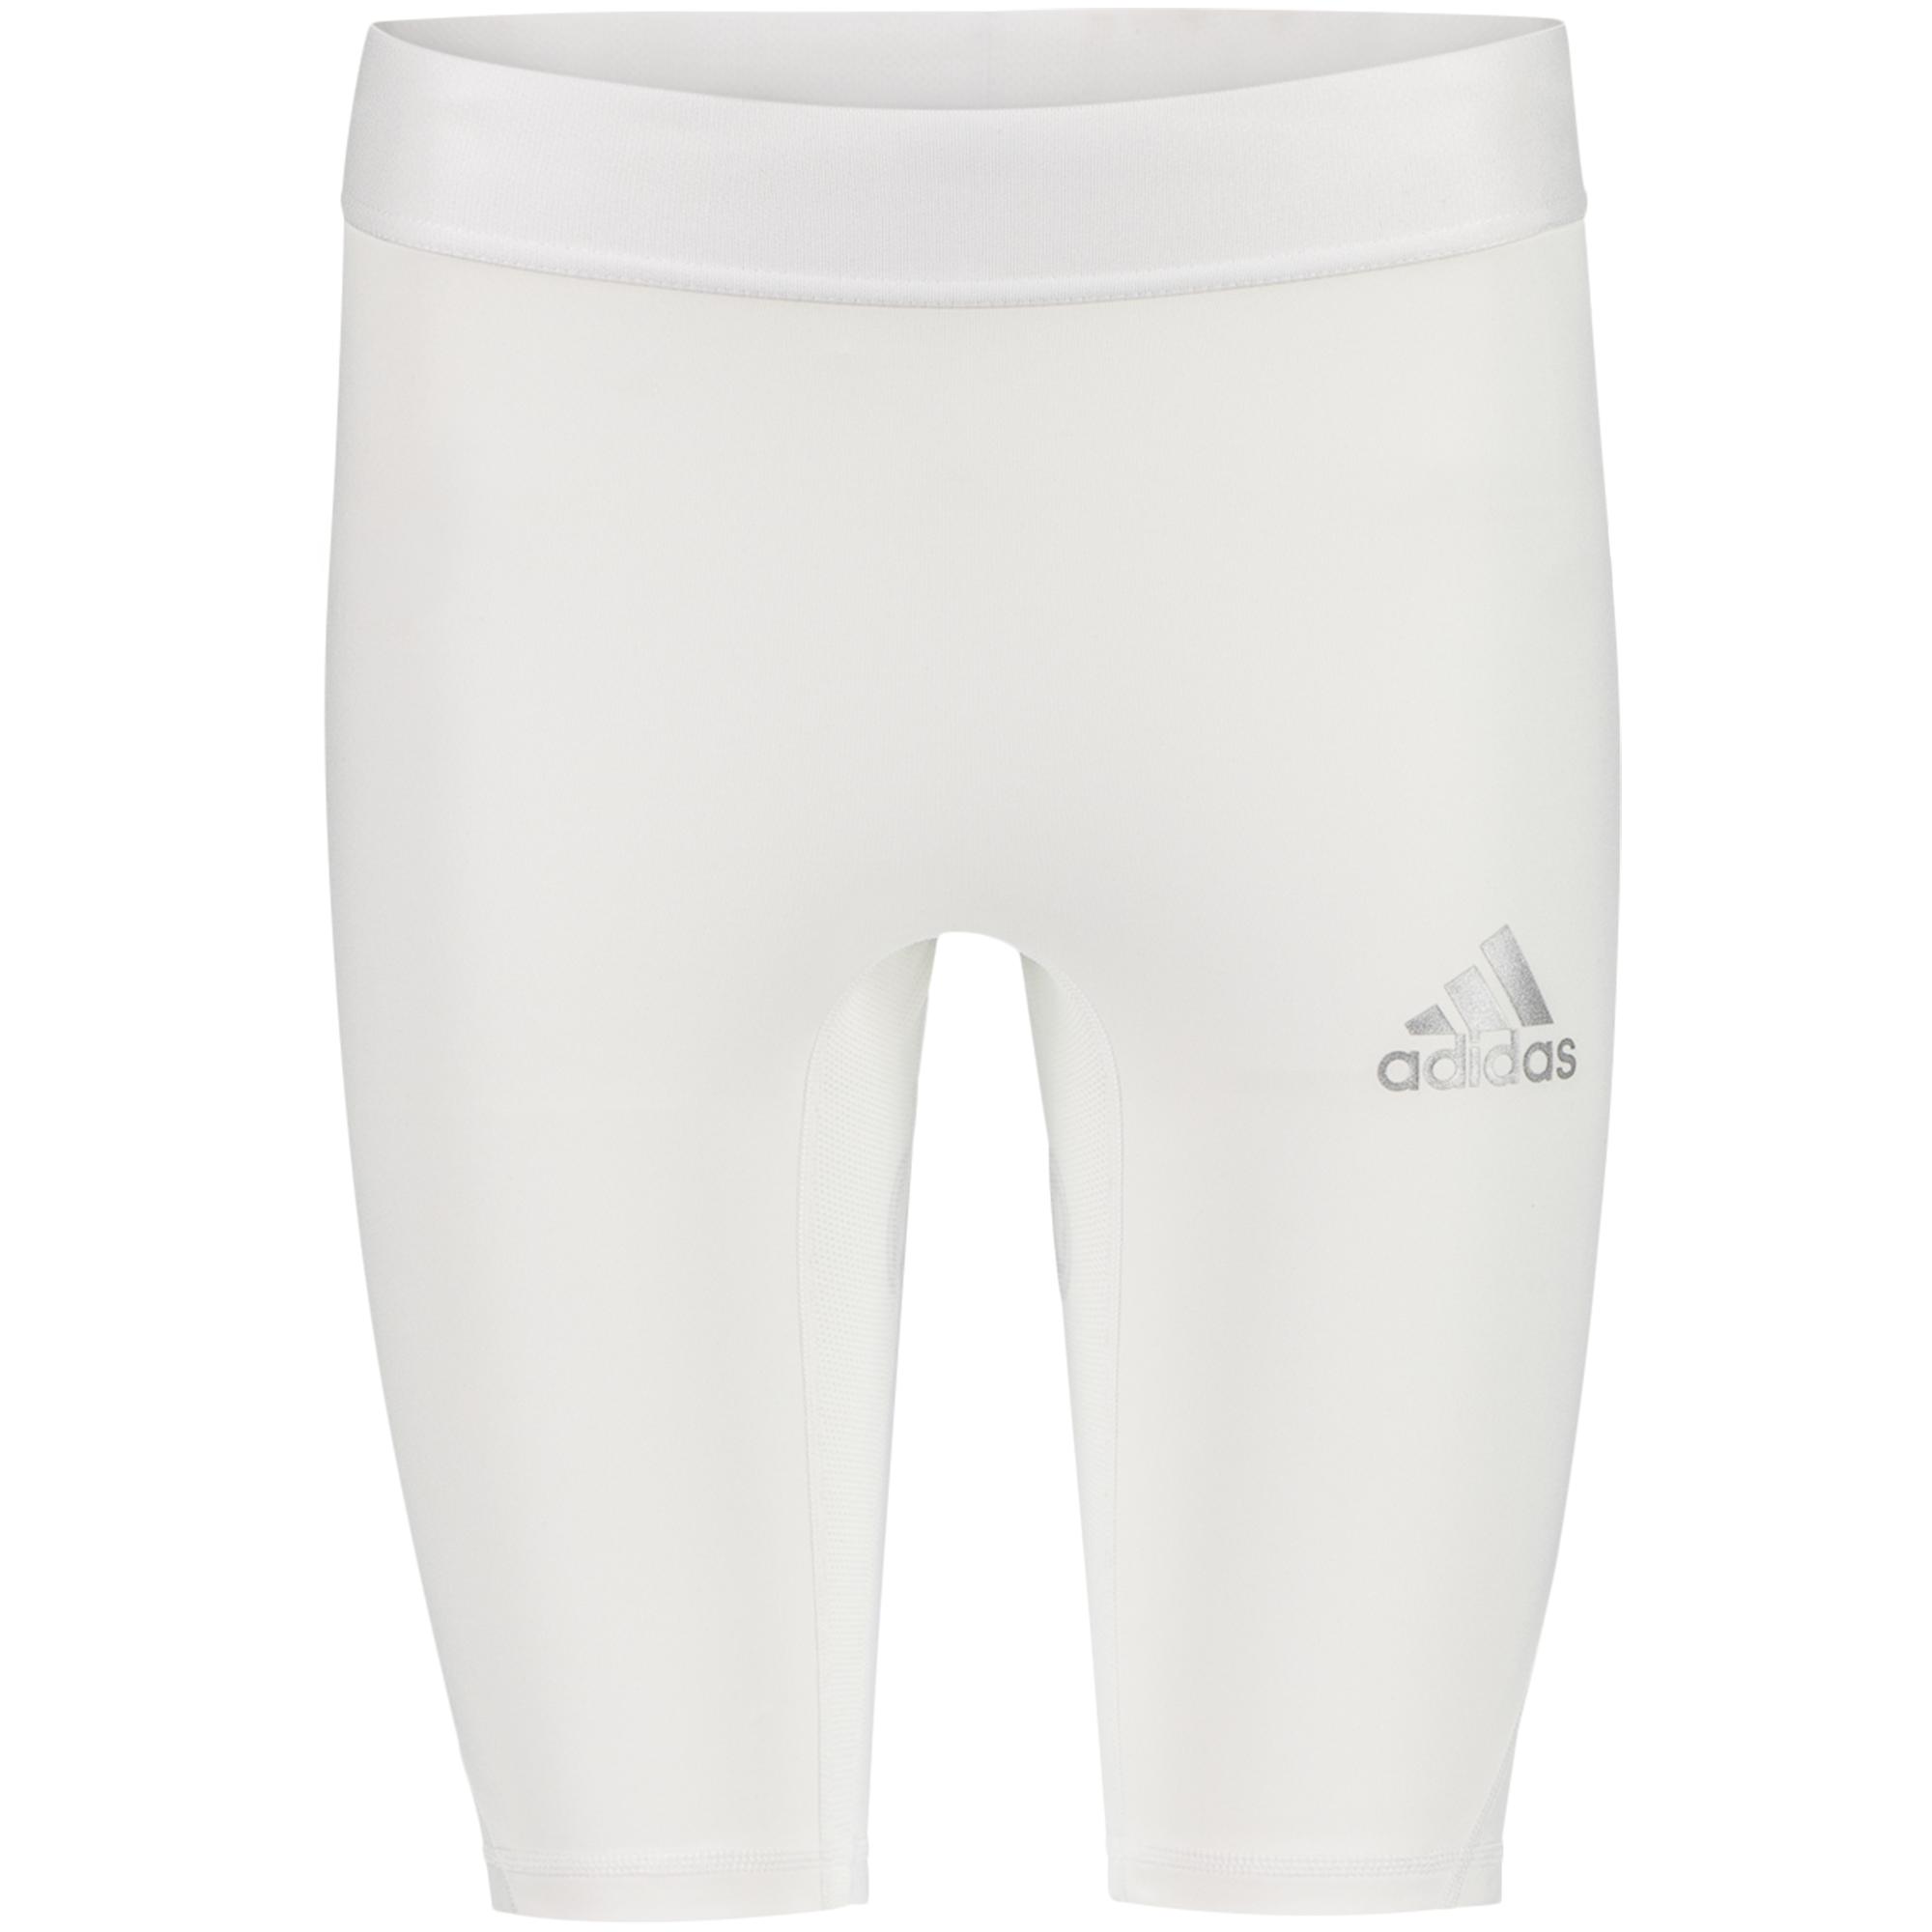 adidas Alphaskin Sport, treningstights senior